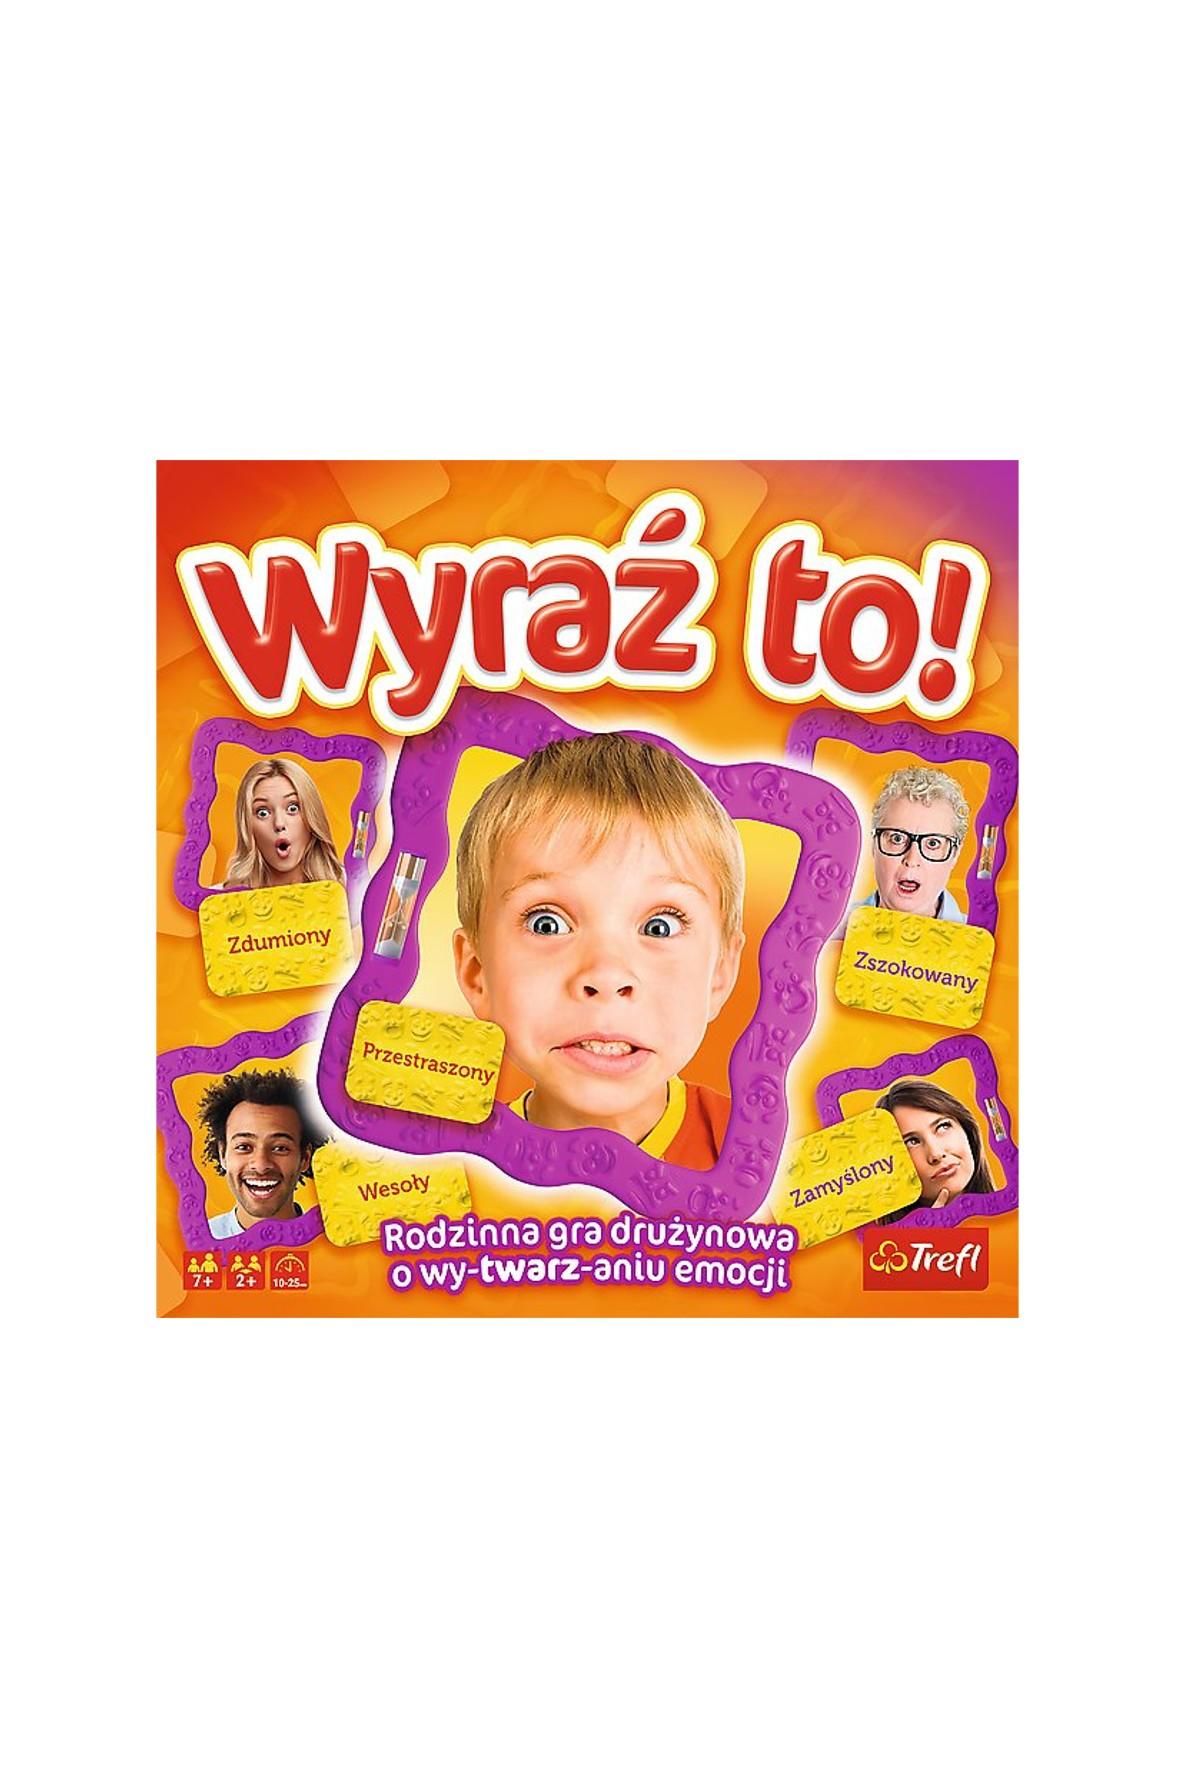 Wyraź to! gra dla dzieci Trefl